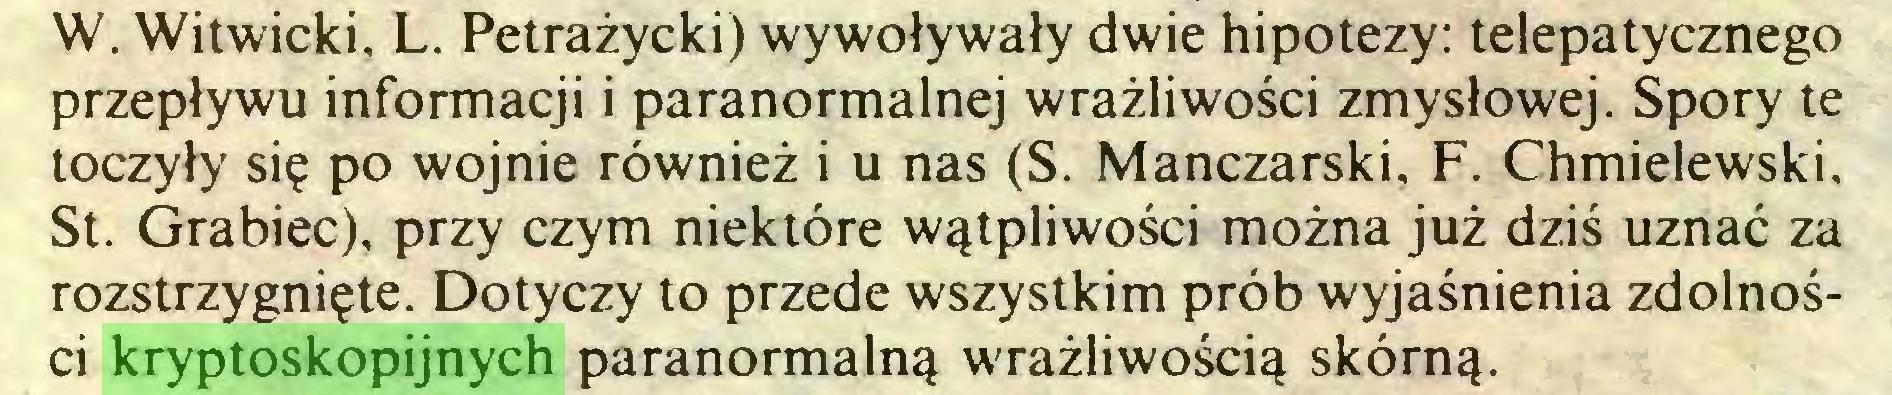 (...) W. Witwicki, L. Petrażycki) wywoływały dwie hipotezy: telepatycznego przepływu informacji i paranormalnej wrażliwości zmysłowej. Spory te toczyły się po wojnie również i u nas (S. Manczarski, F. Chmielewski, St. Grabiec), przy czym niektóre wątpliwości można już dziś uznać za rozstrzygnięte. Dotyczy to przede wszystkim prób wyjaśnienia zdolności kryptoskopijnych paranormalną wrażliwością skórną...